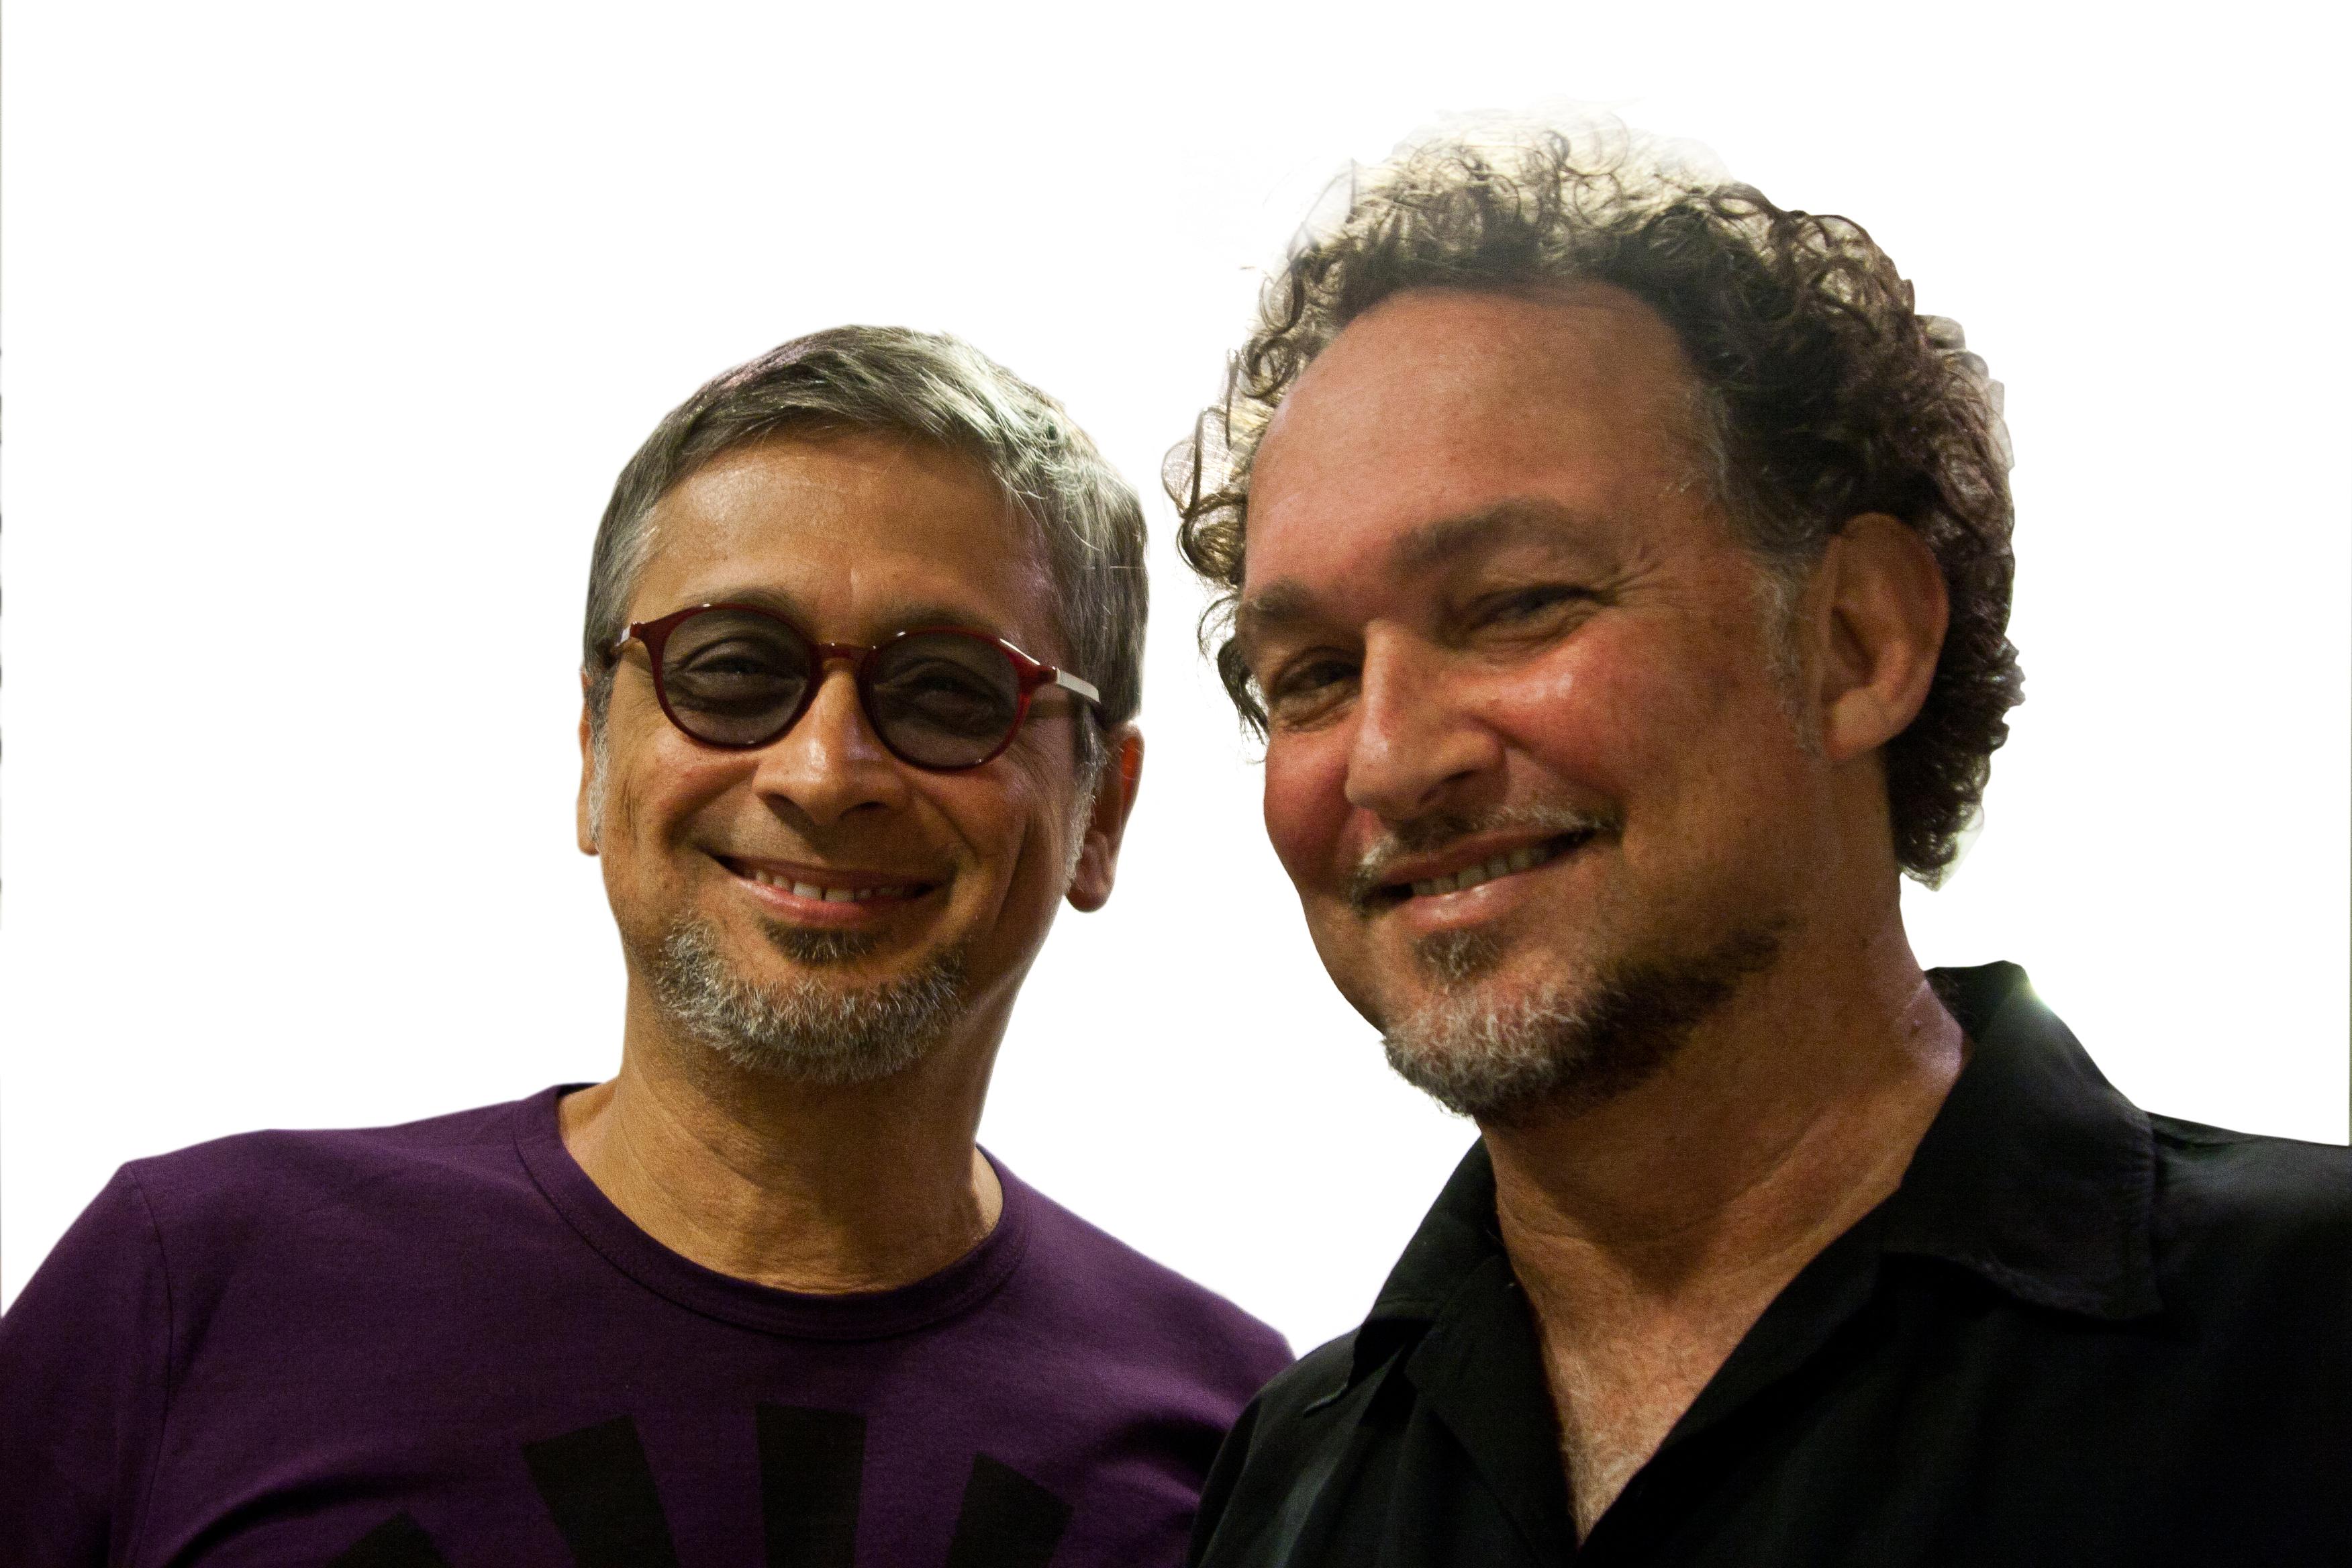 With Zé Renato